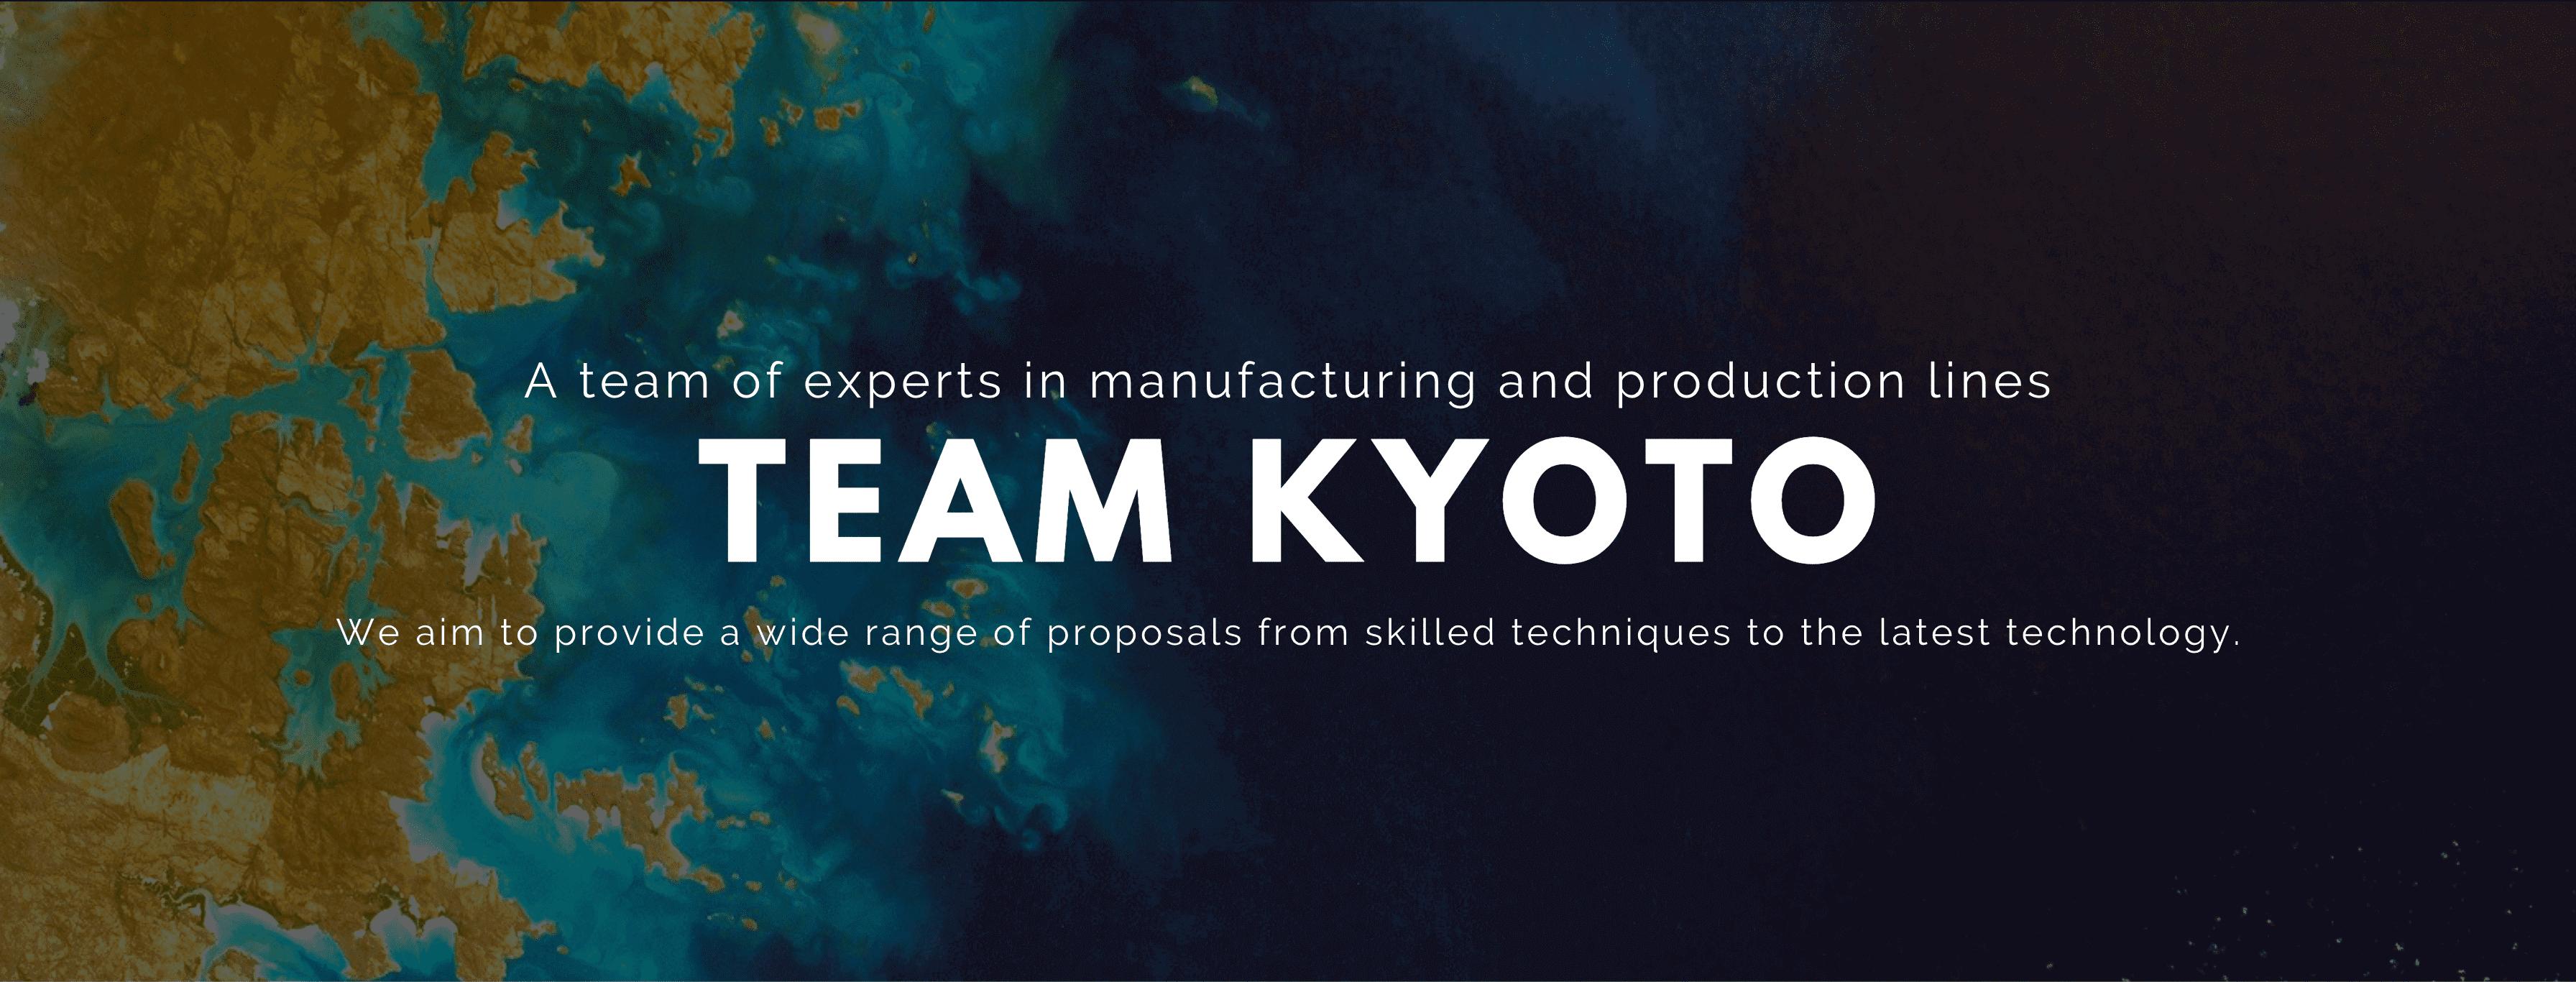 ものづくりと生産ラインのエキスパート、チーム京都、熟練の技から最新技術まで幅広いご提案を目指します